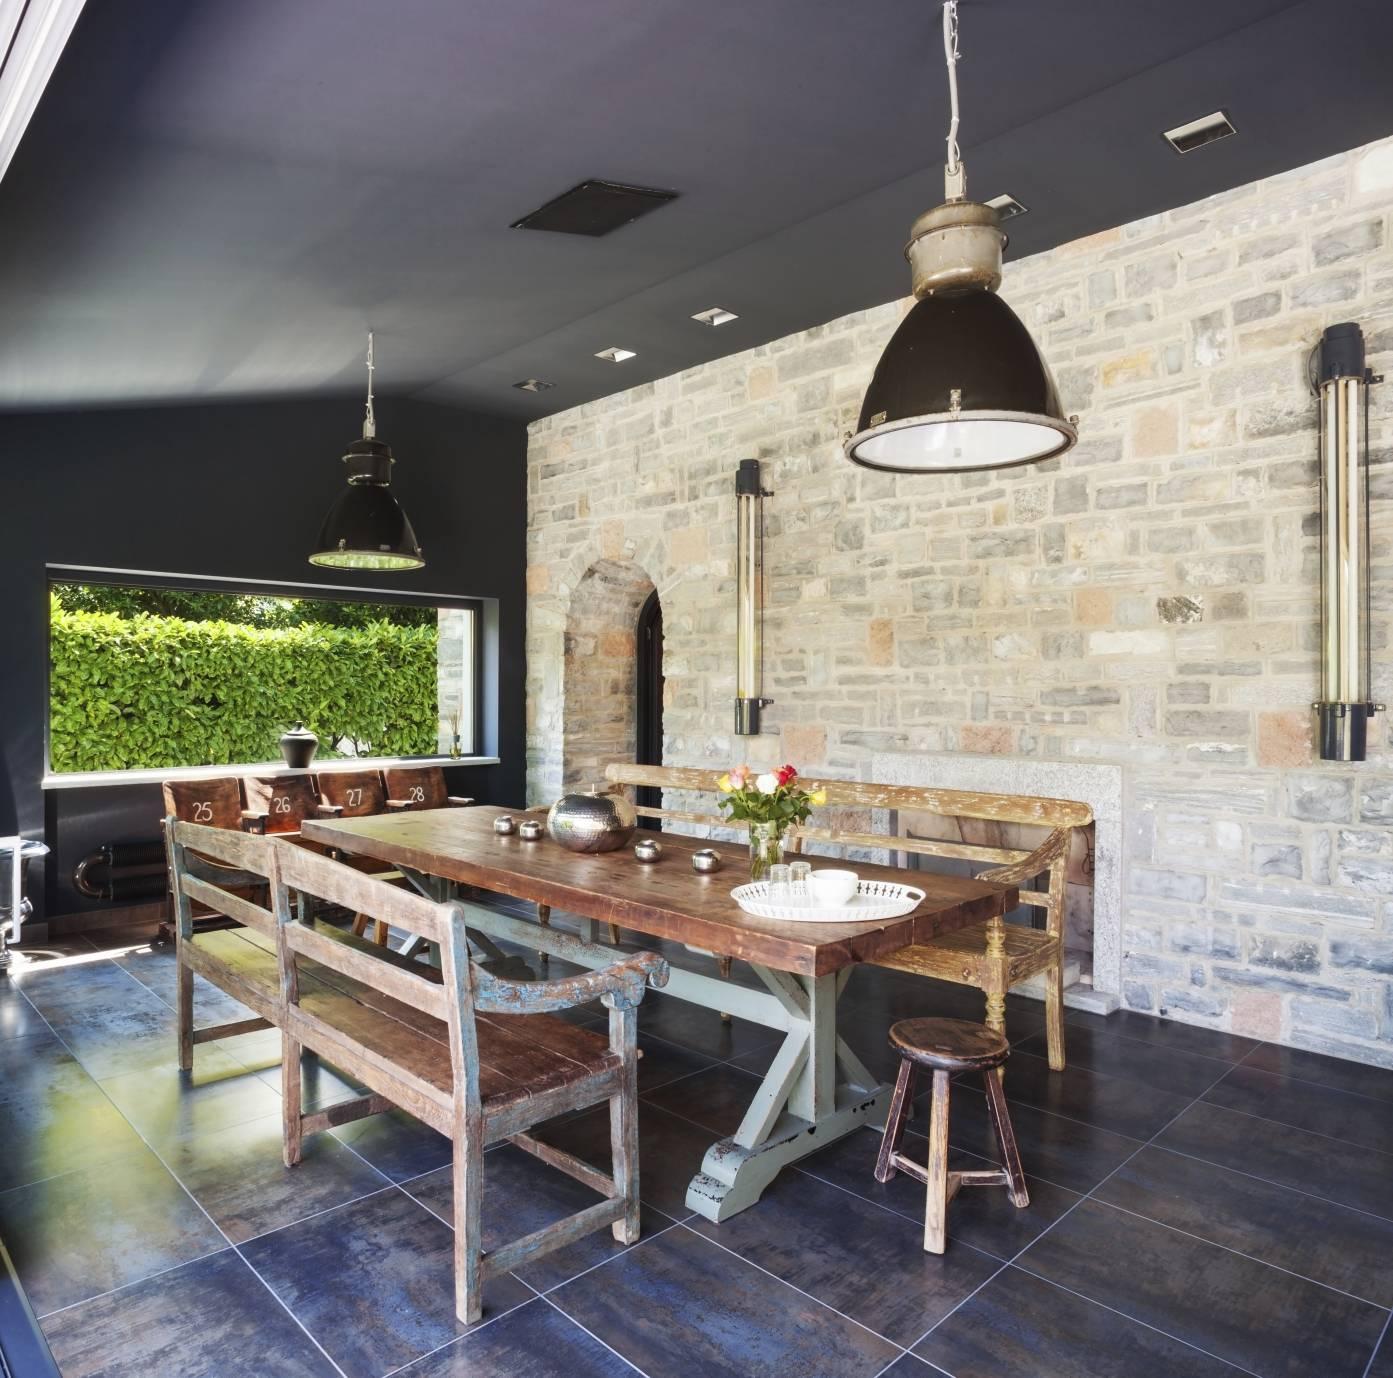 Des id es pour meubler et d corer votre salle manger - Salle manger scandinave un decor elegant et pratique ...